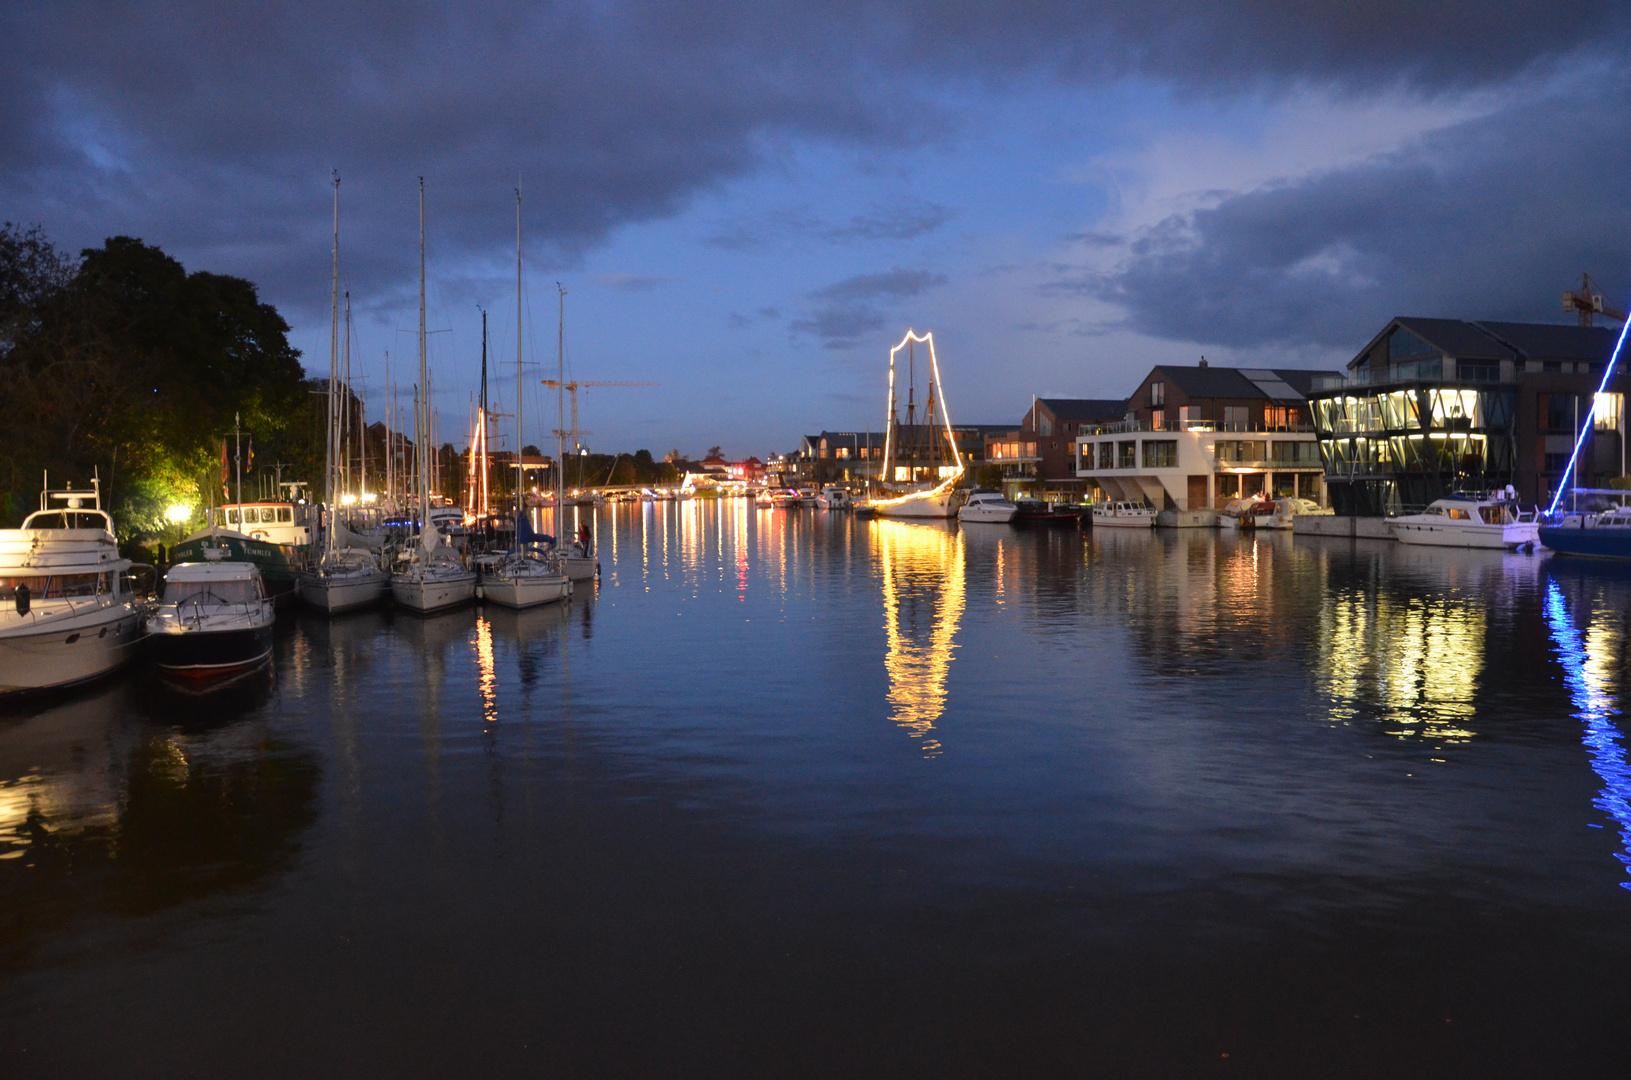 ... Leeraner-Hafen bei Nacht